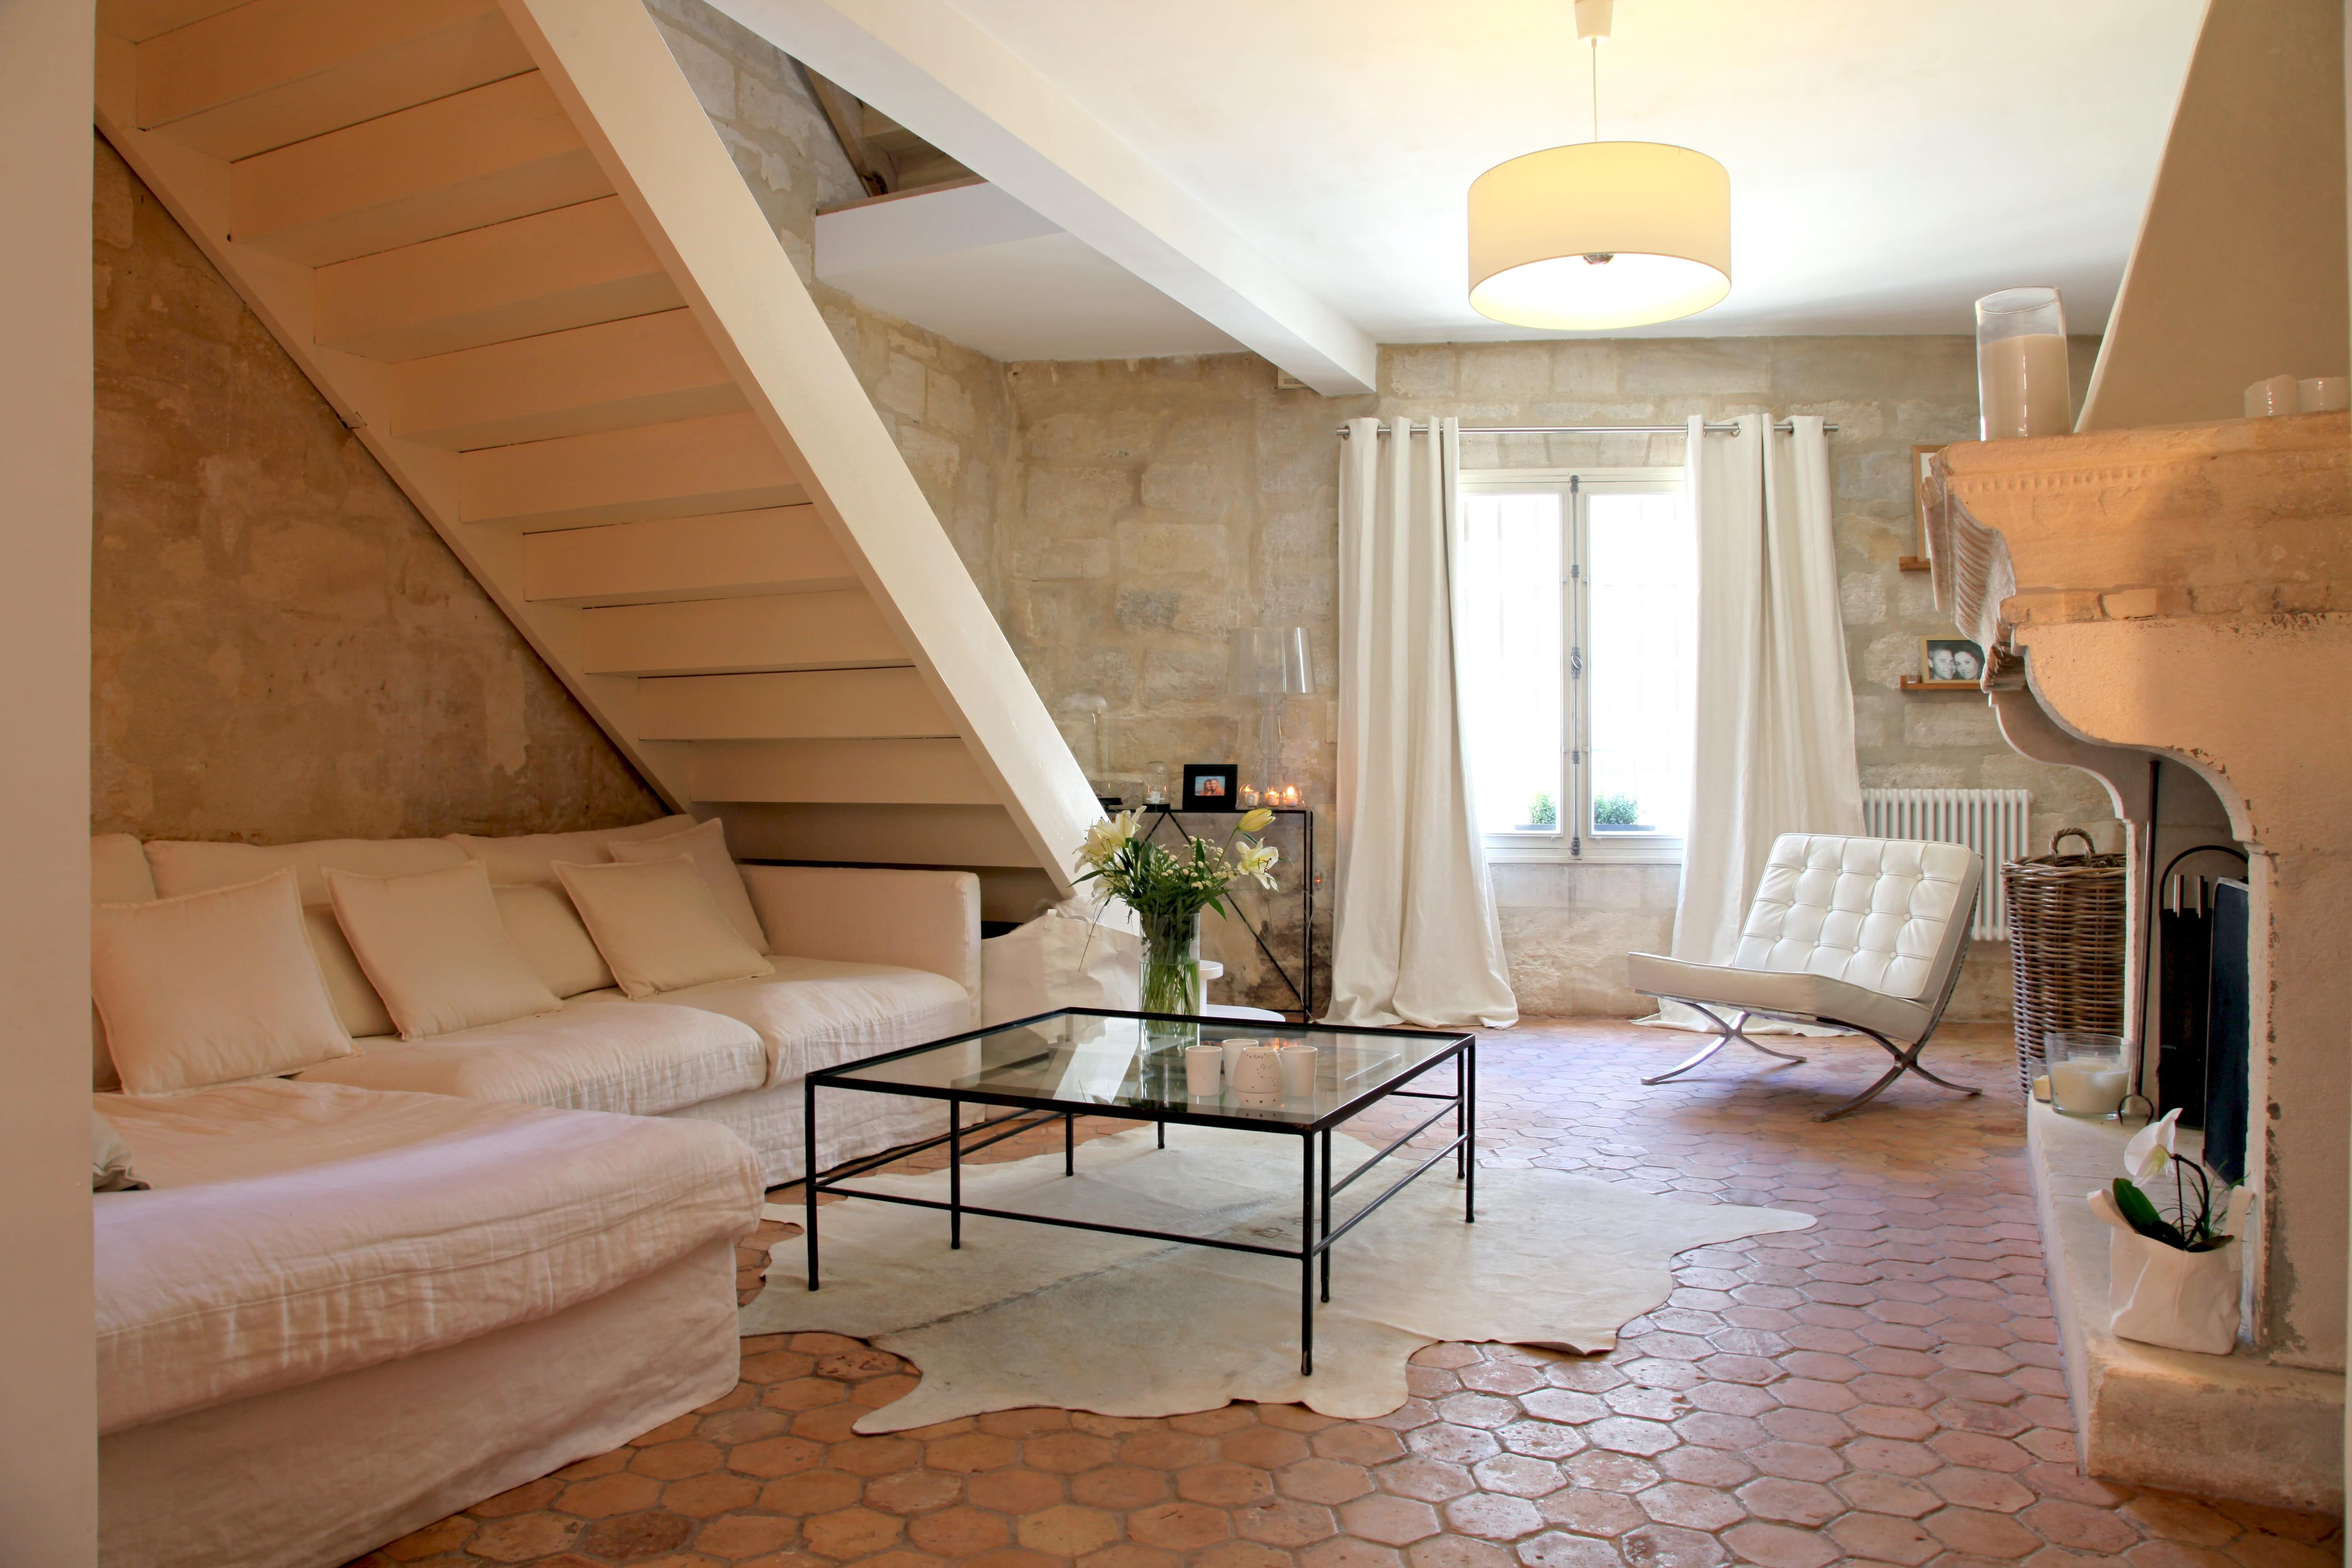 Harmonie Des Couleurs Dans Une Maison quelle couleur pour mon salon ?